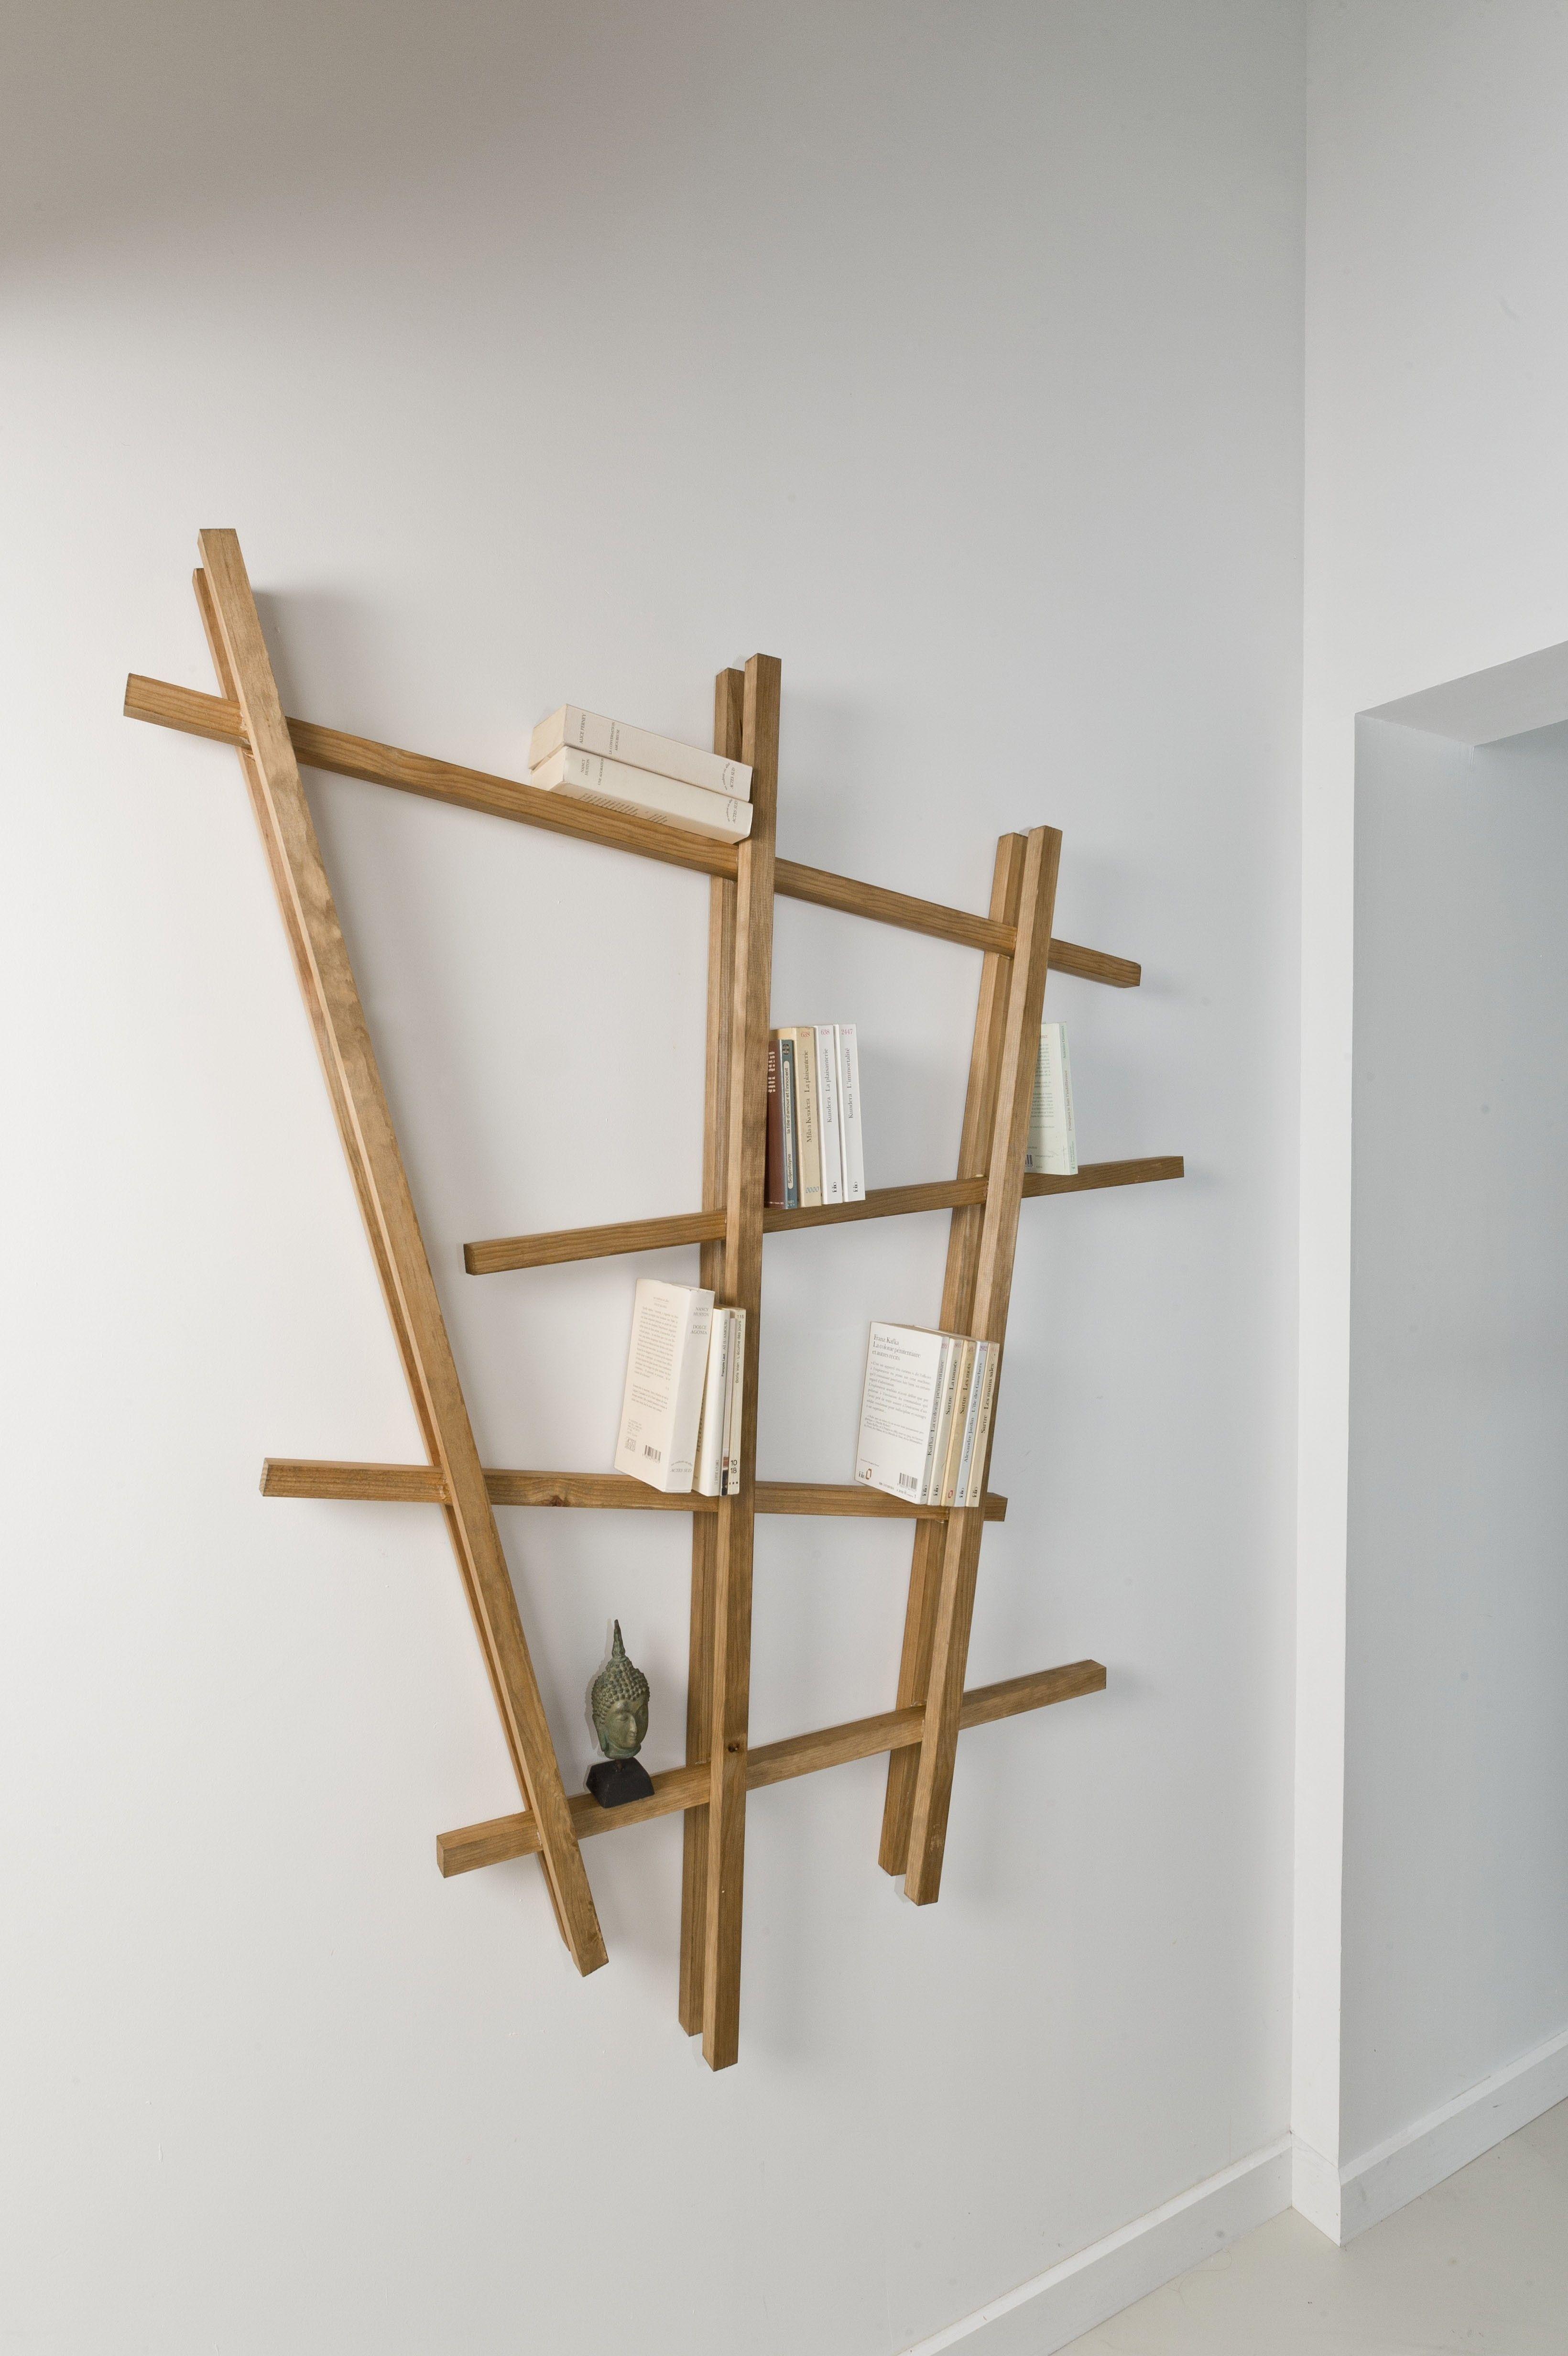 jeder sollte ein individuelles m belst ck im haus haben wir bauen uns ein stylisches holzregal. Black Bedroom Furniture Sets. Home Design Ideas